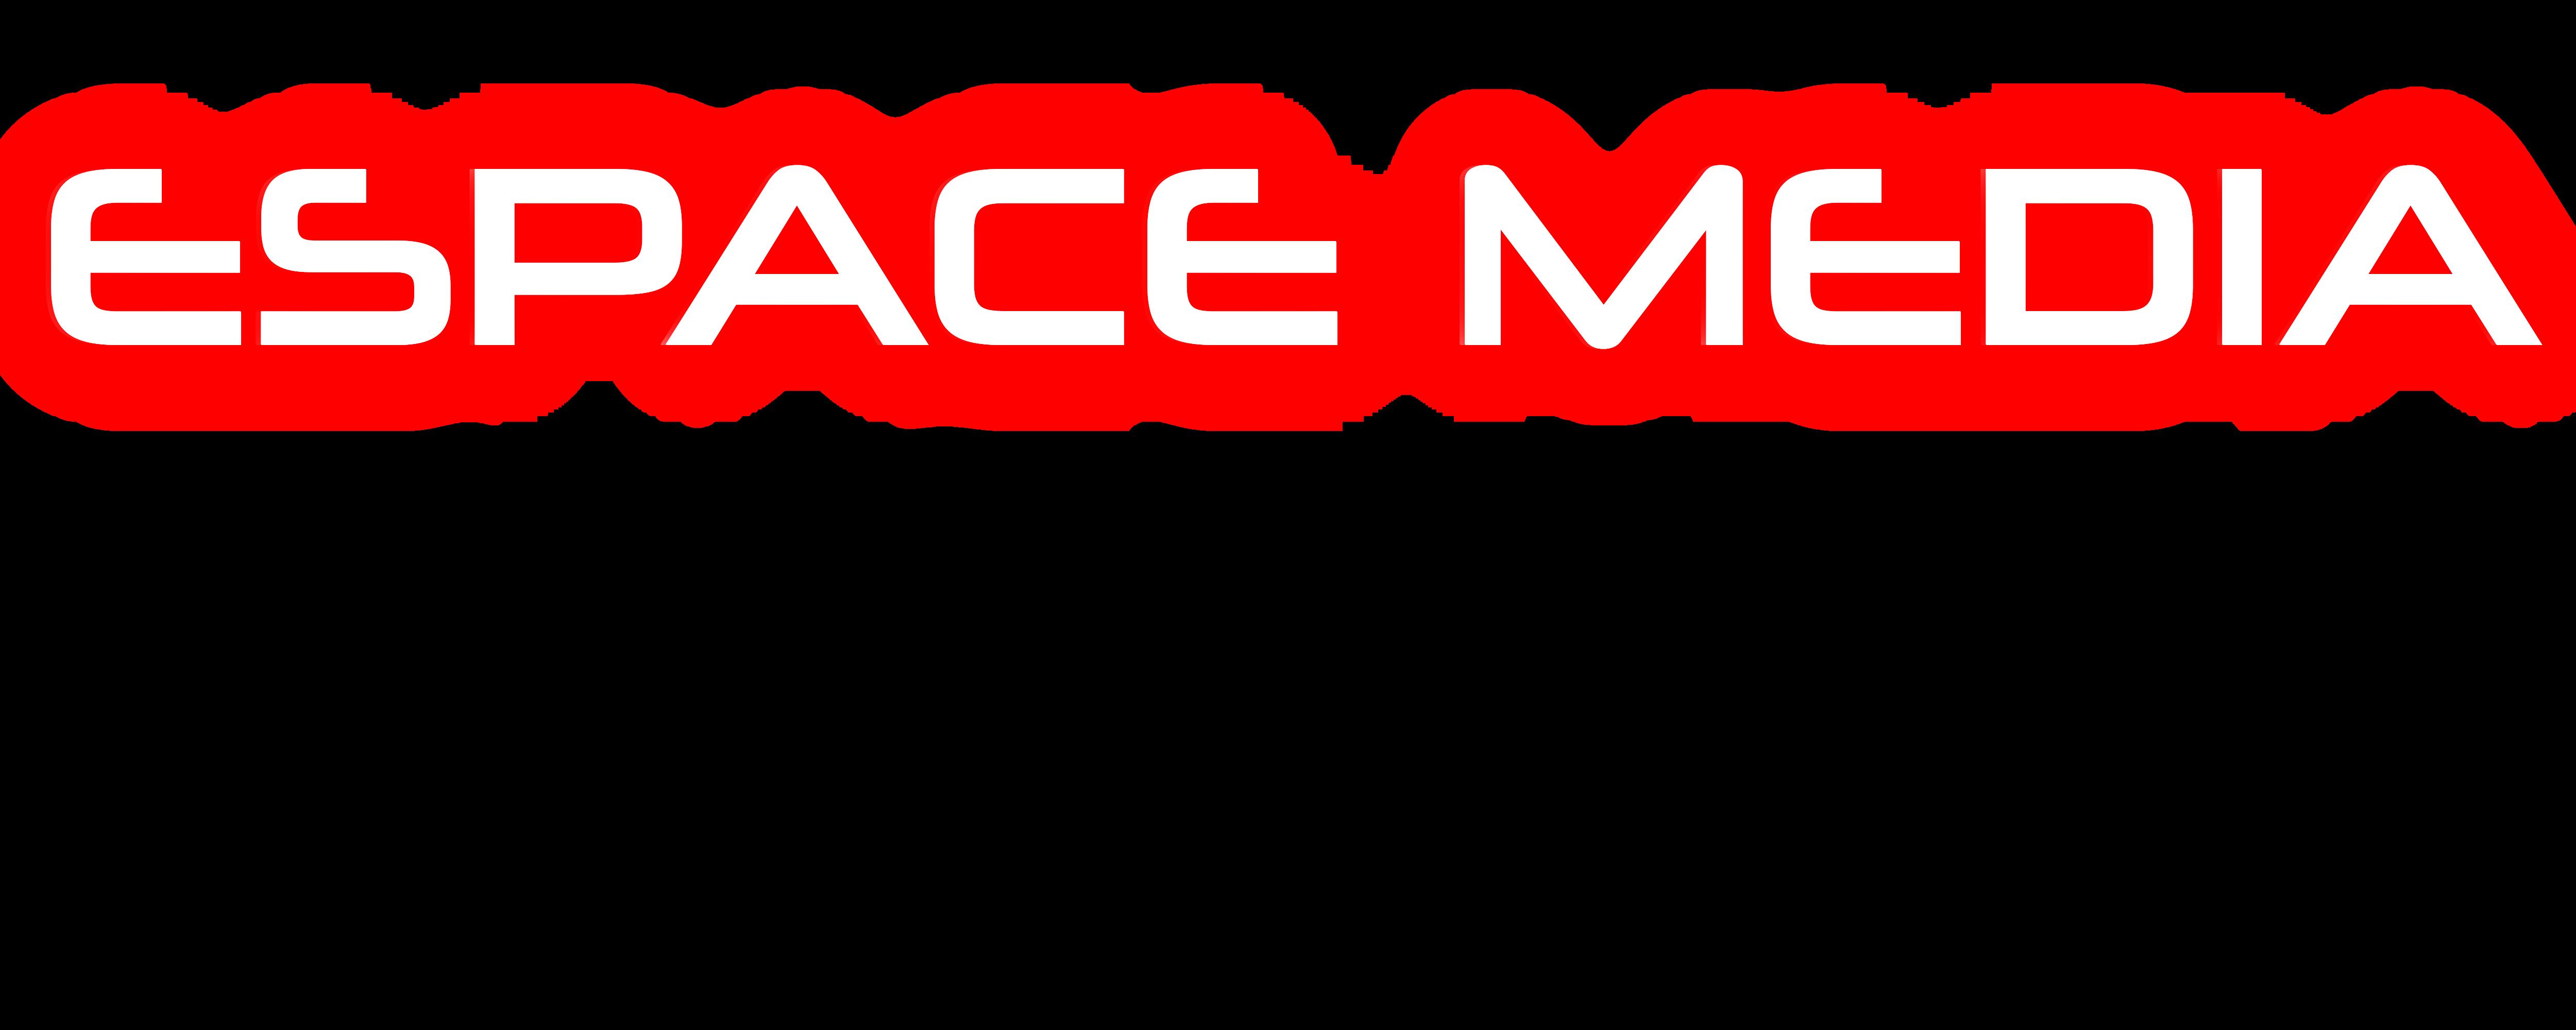 Espace Media